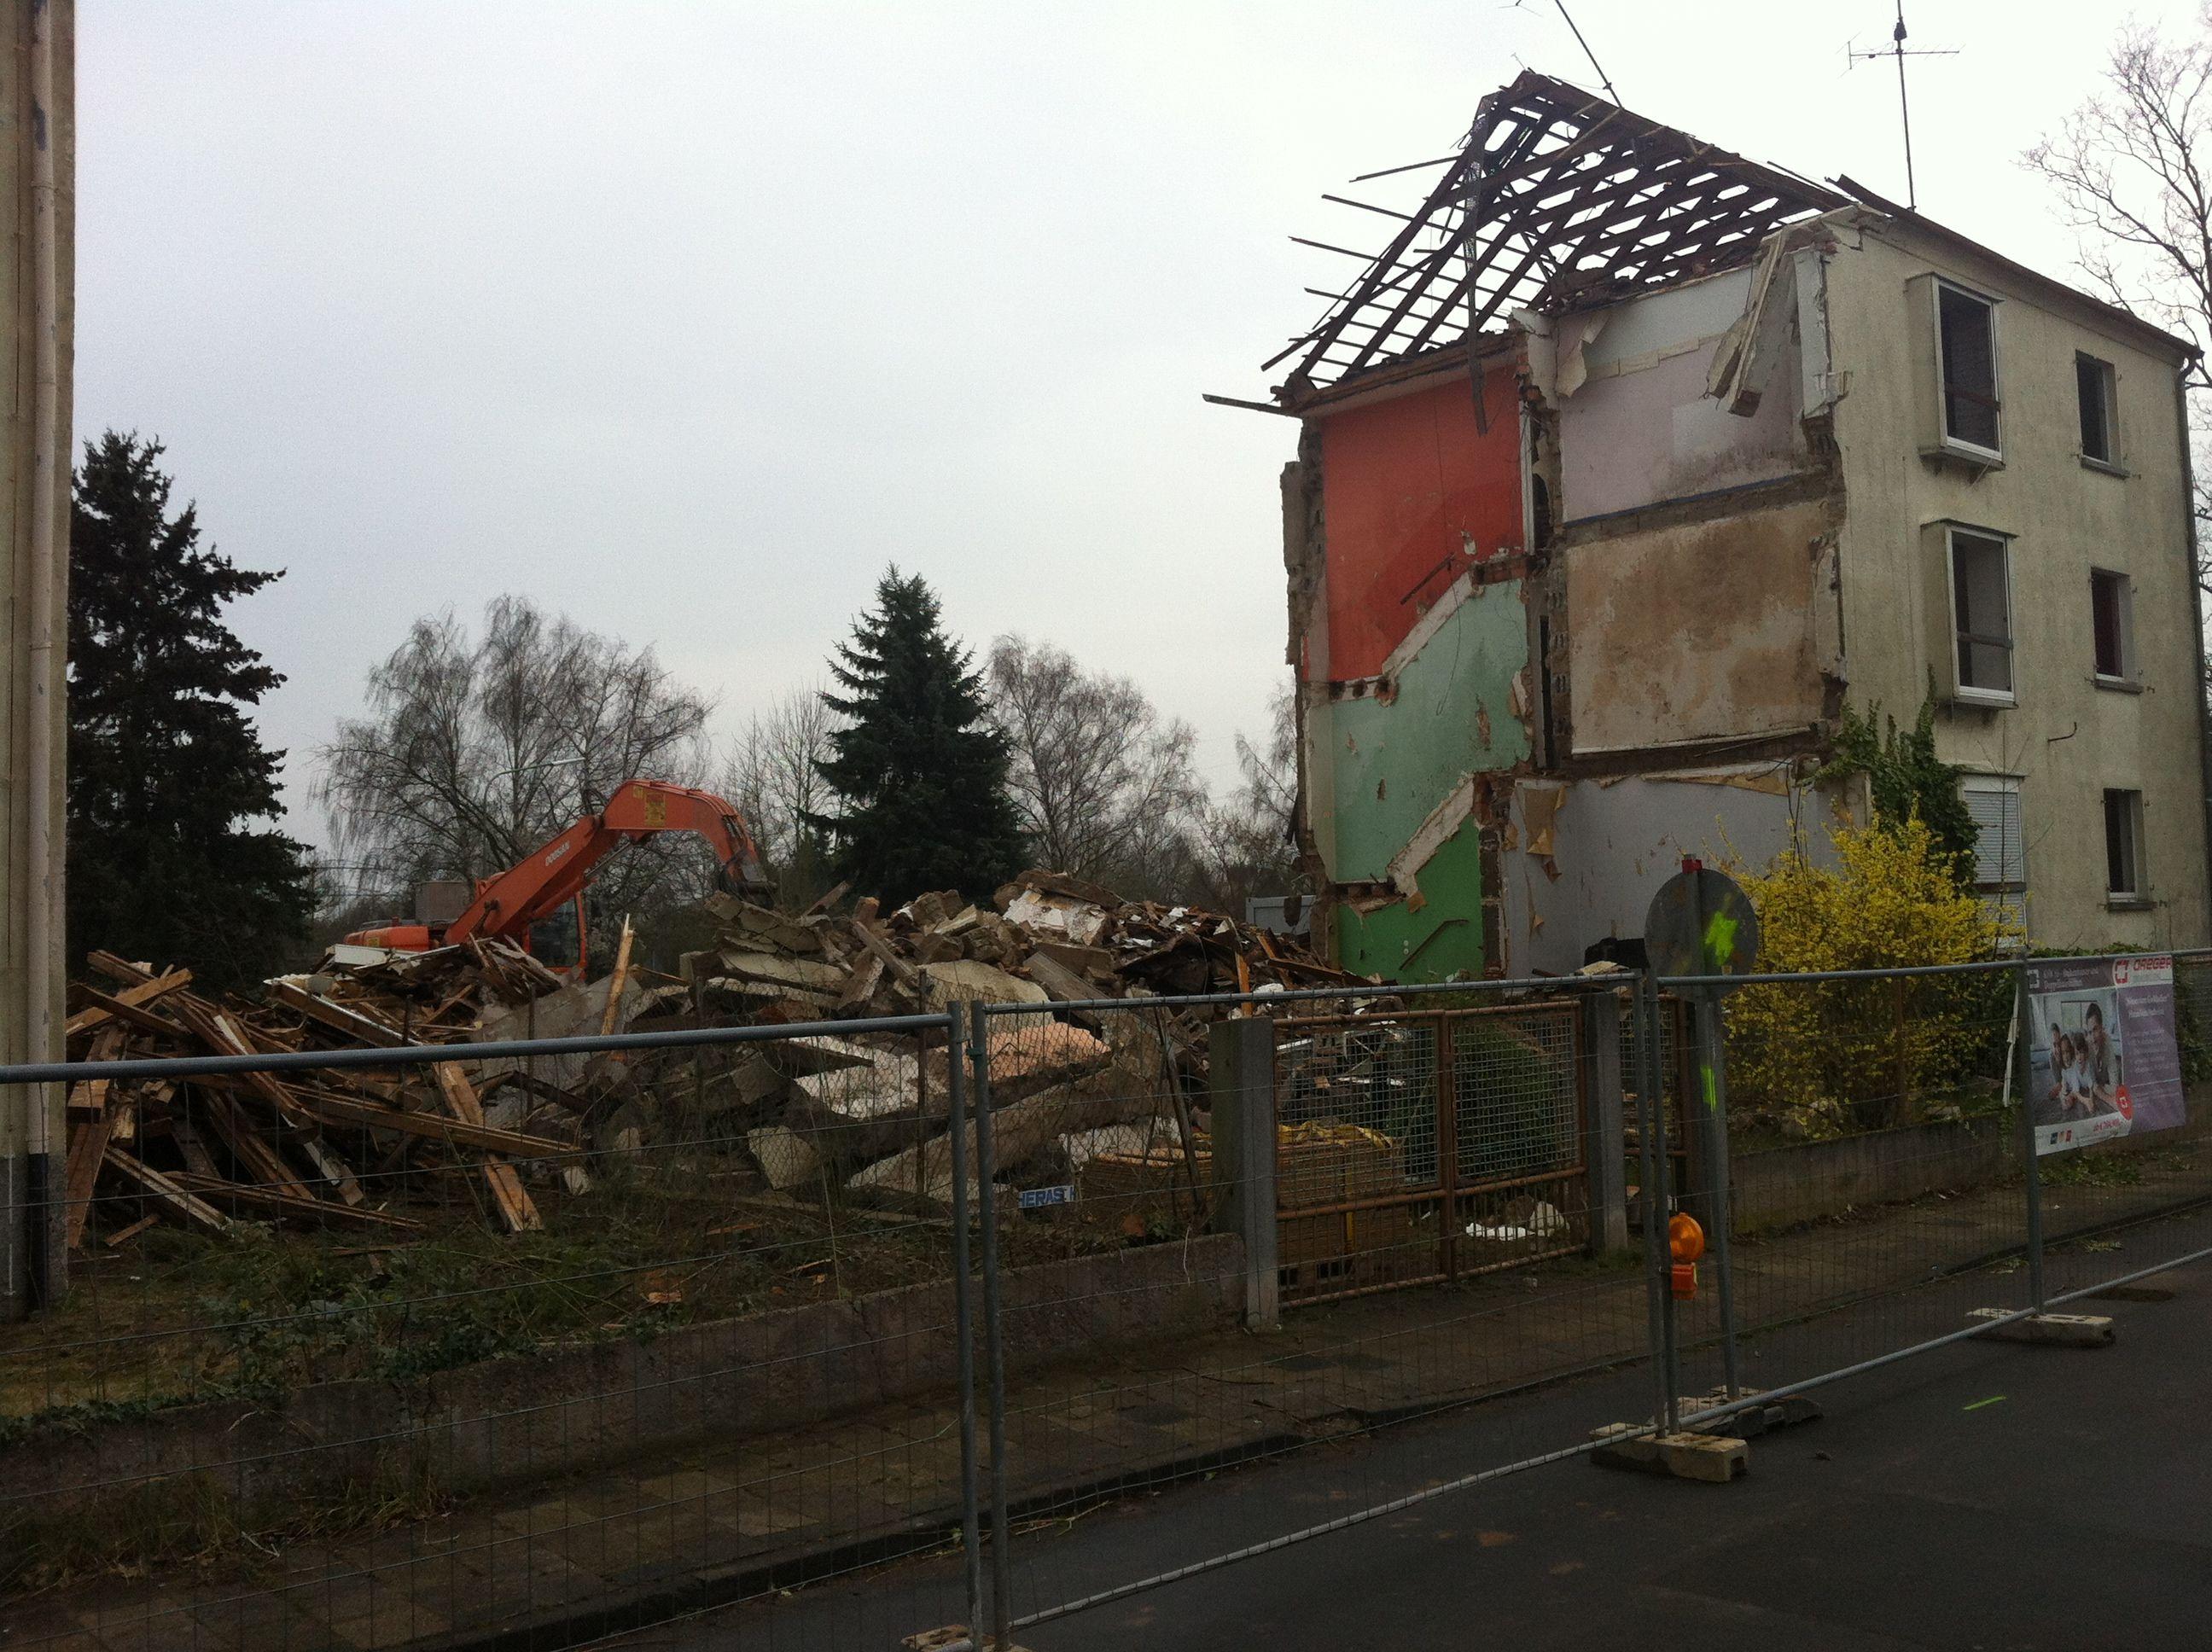 Abrissgebäude 30.02.2014 Gebäude, Einfamilienhaus